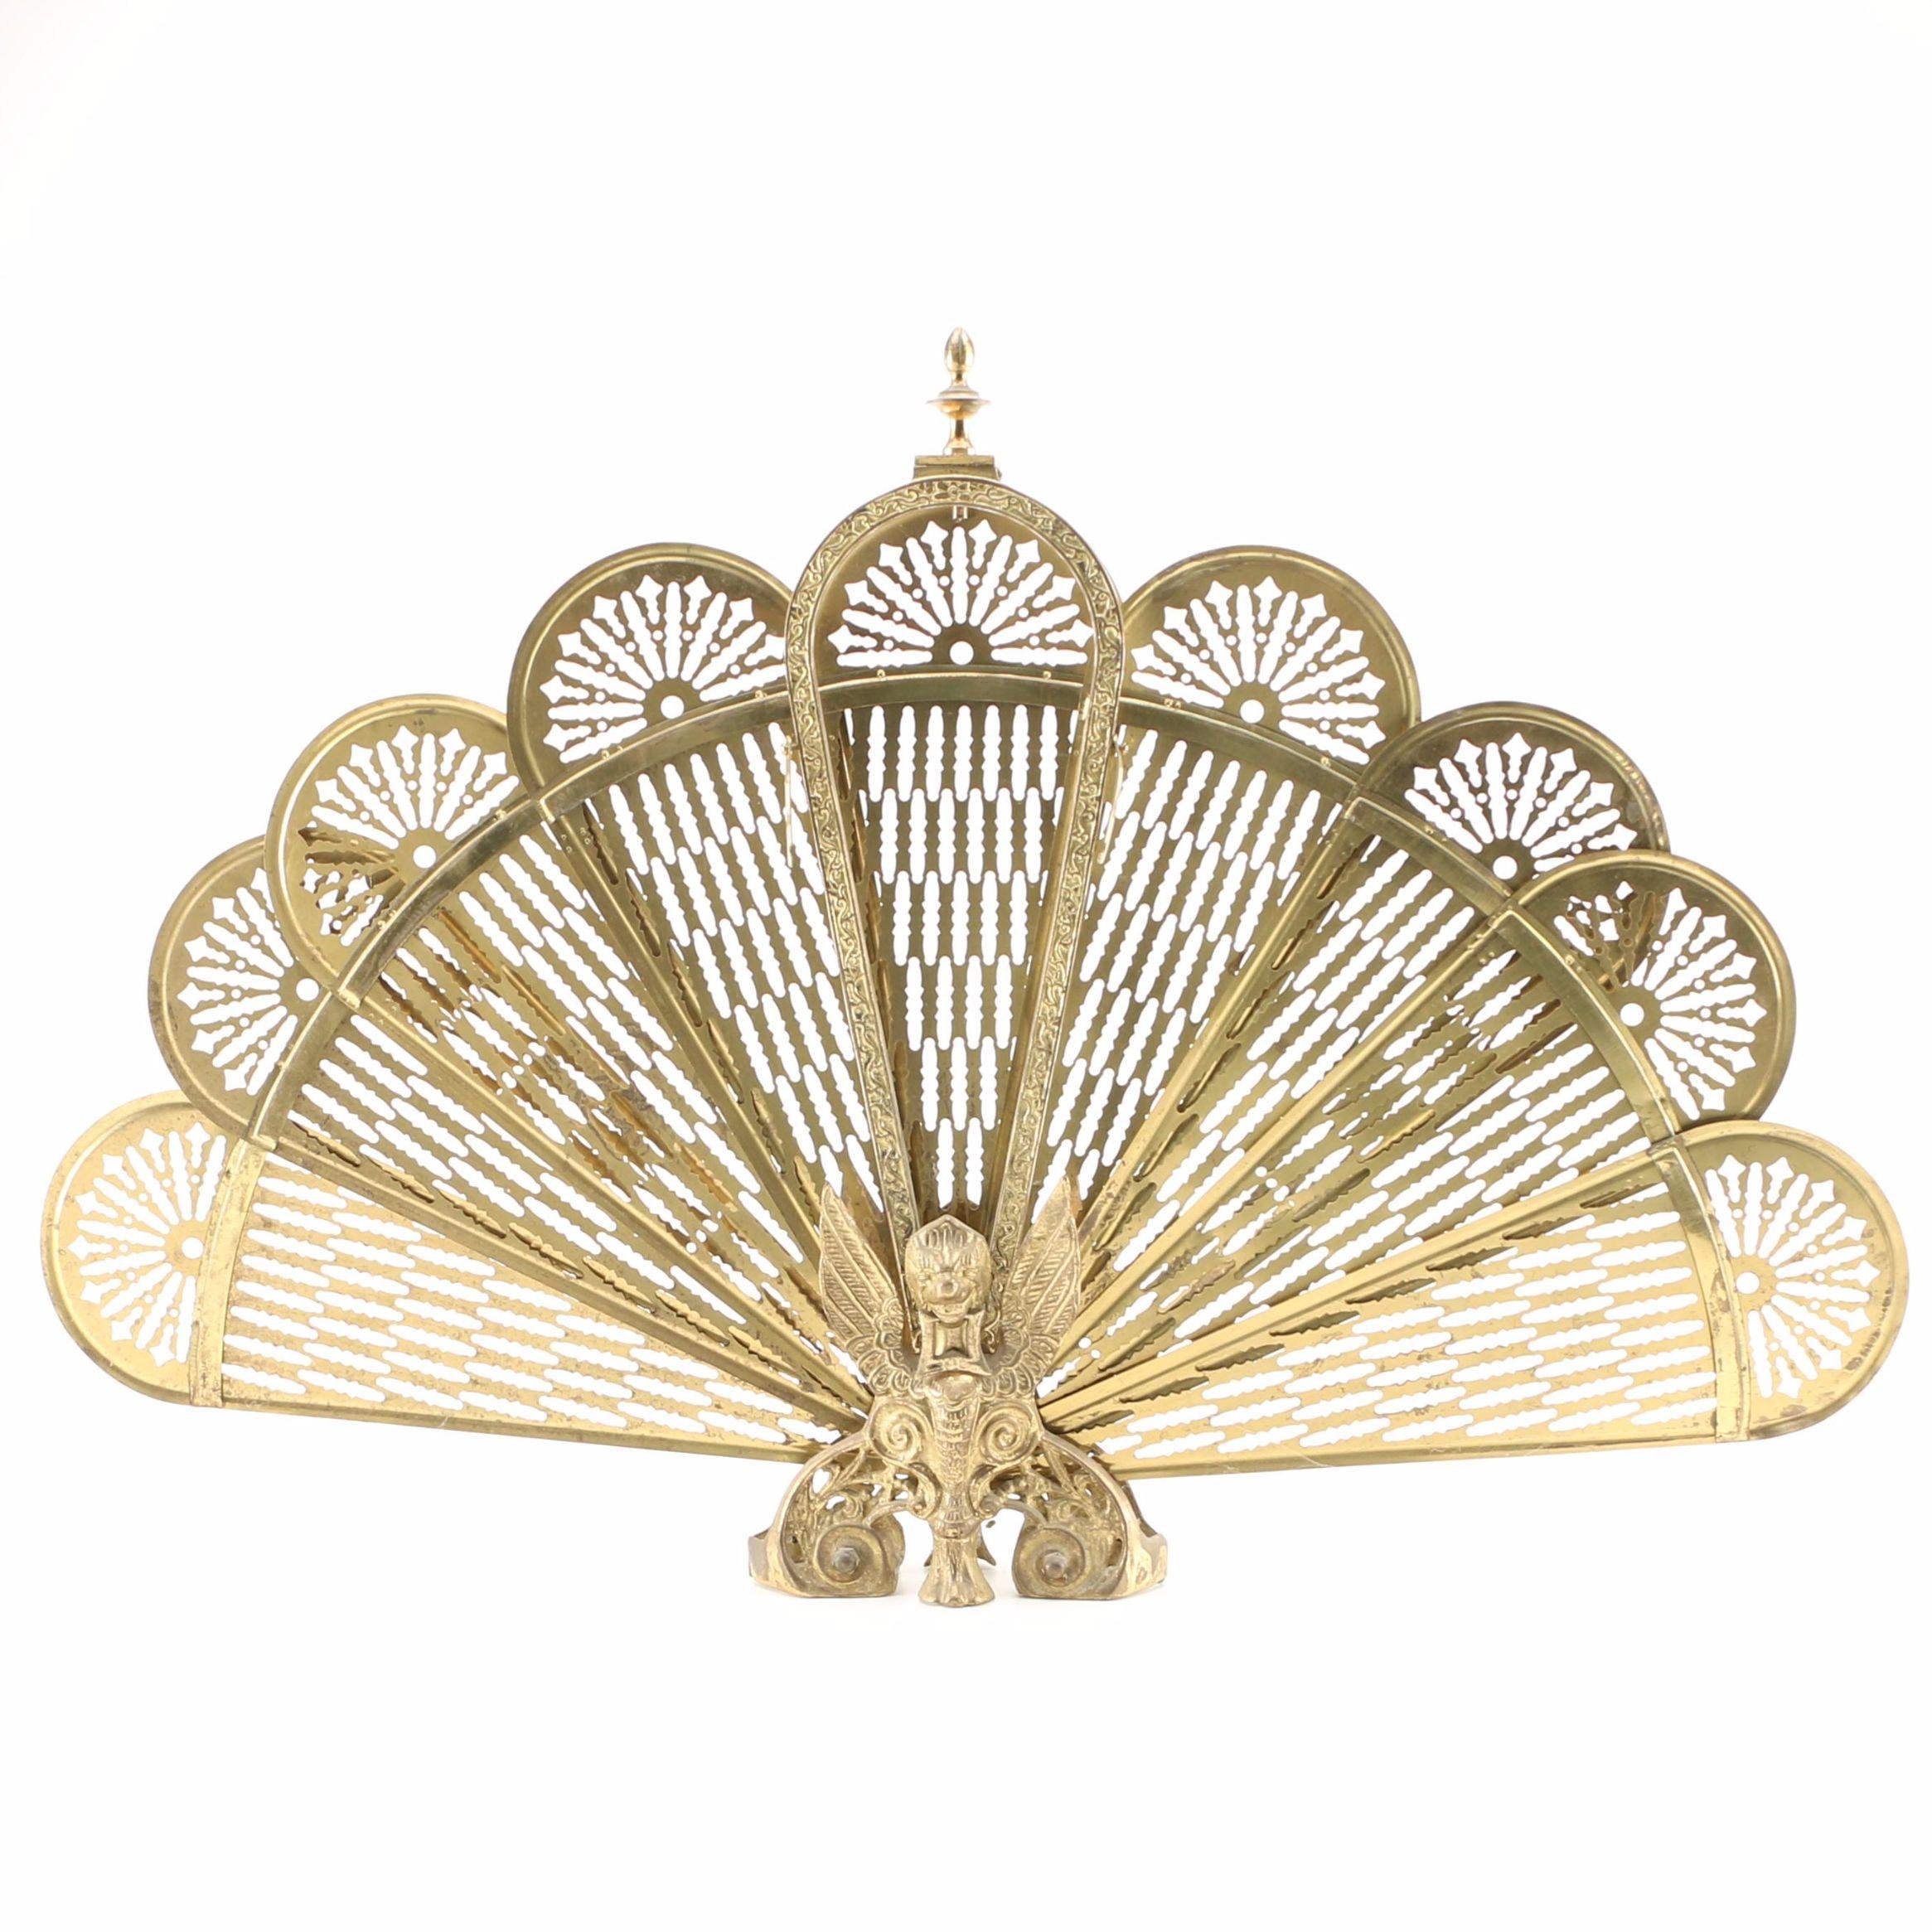 Vintage Brass Peacock Fan Fireplace Screen